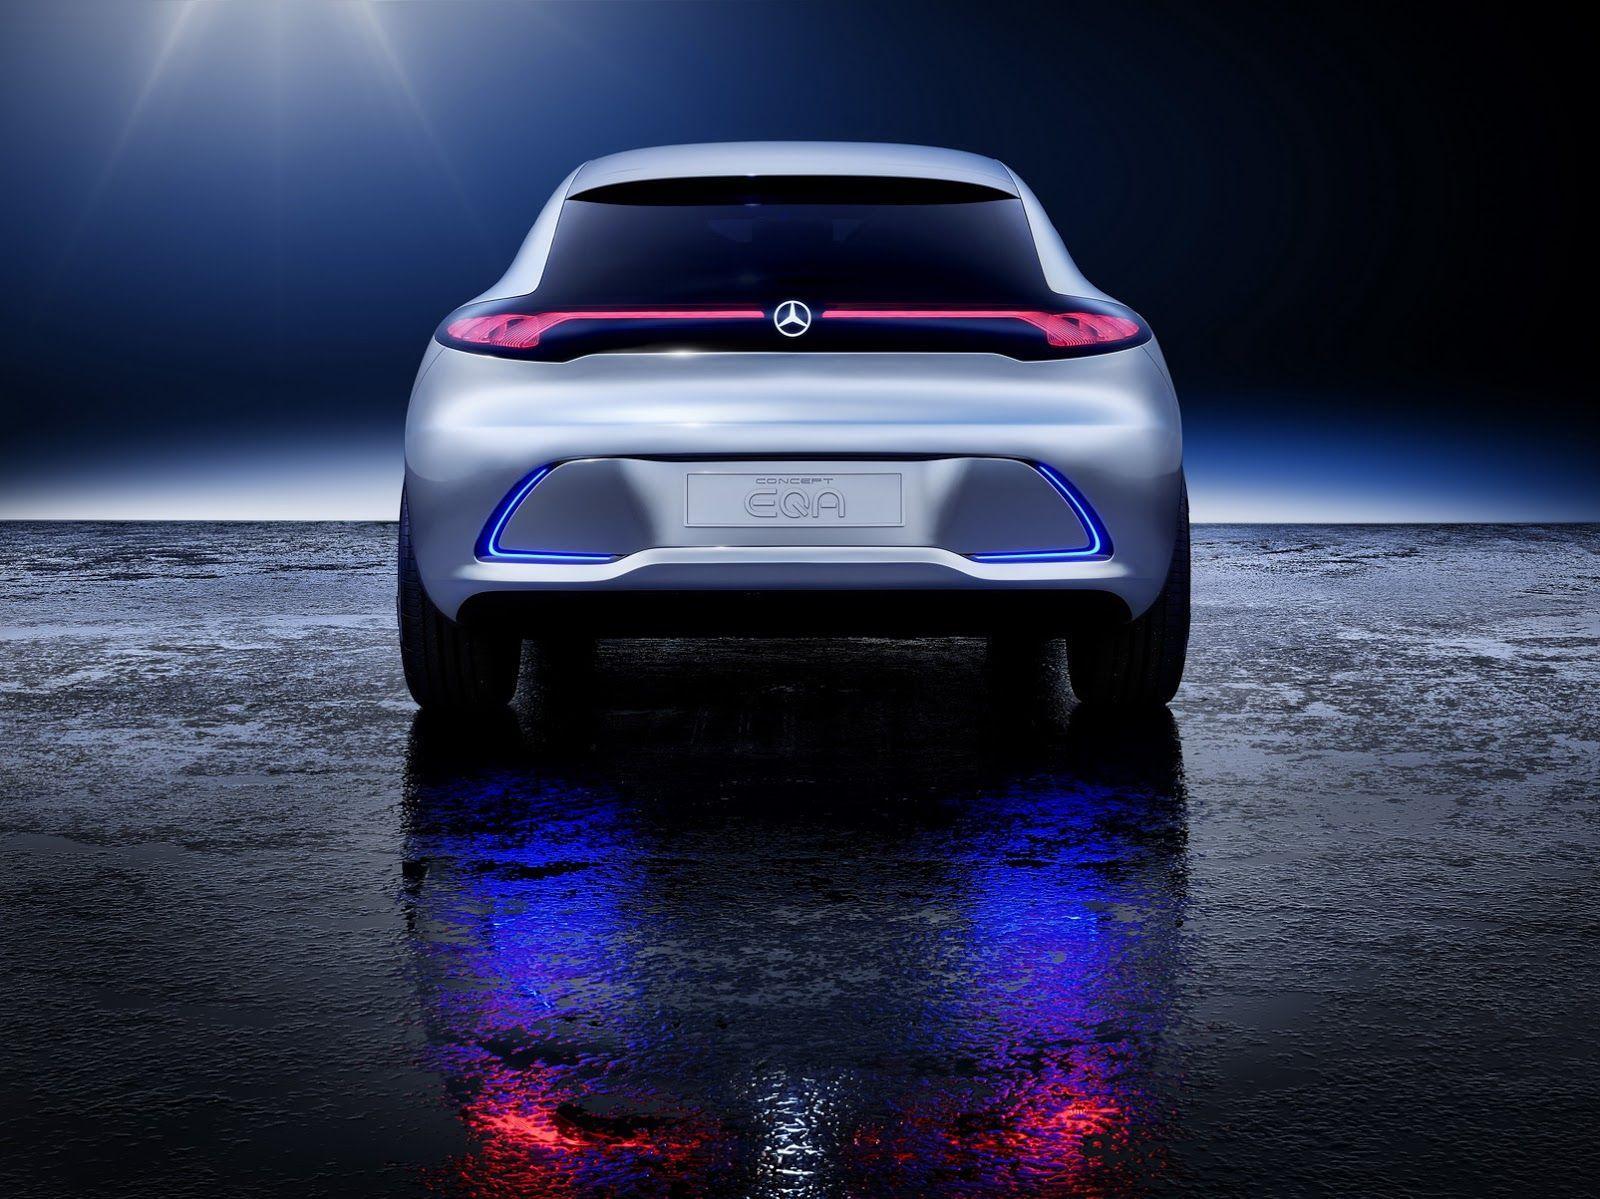 Mercedes Benz EQA Compact Electric Car